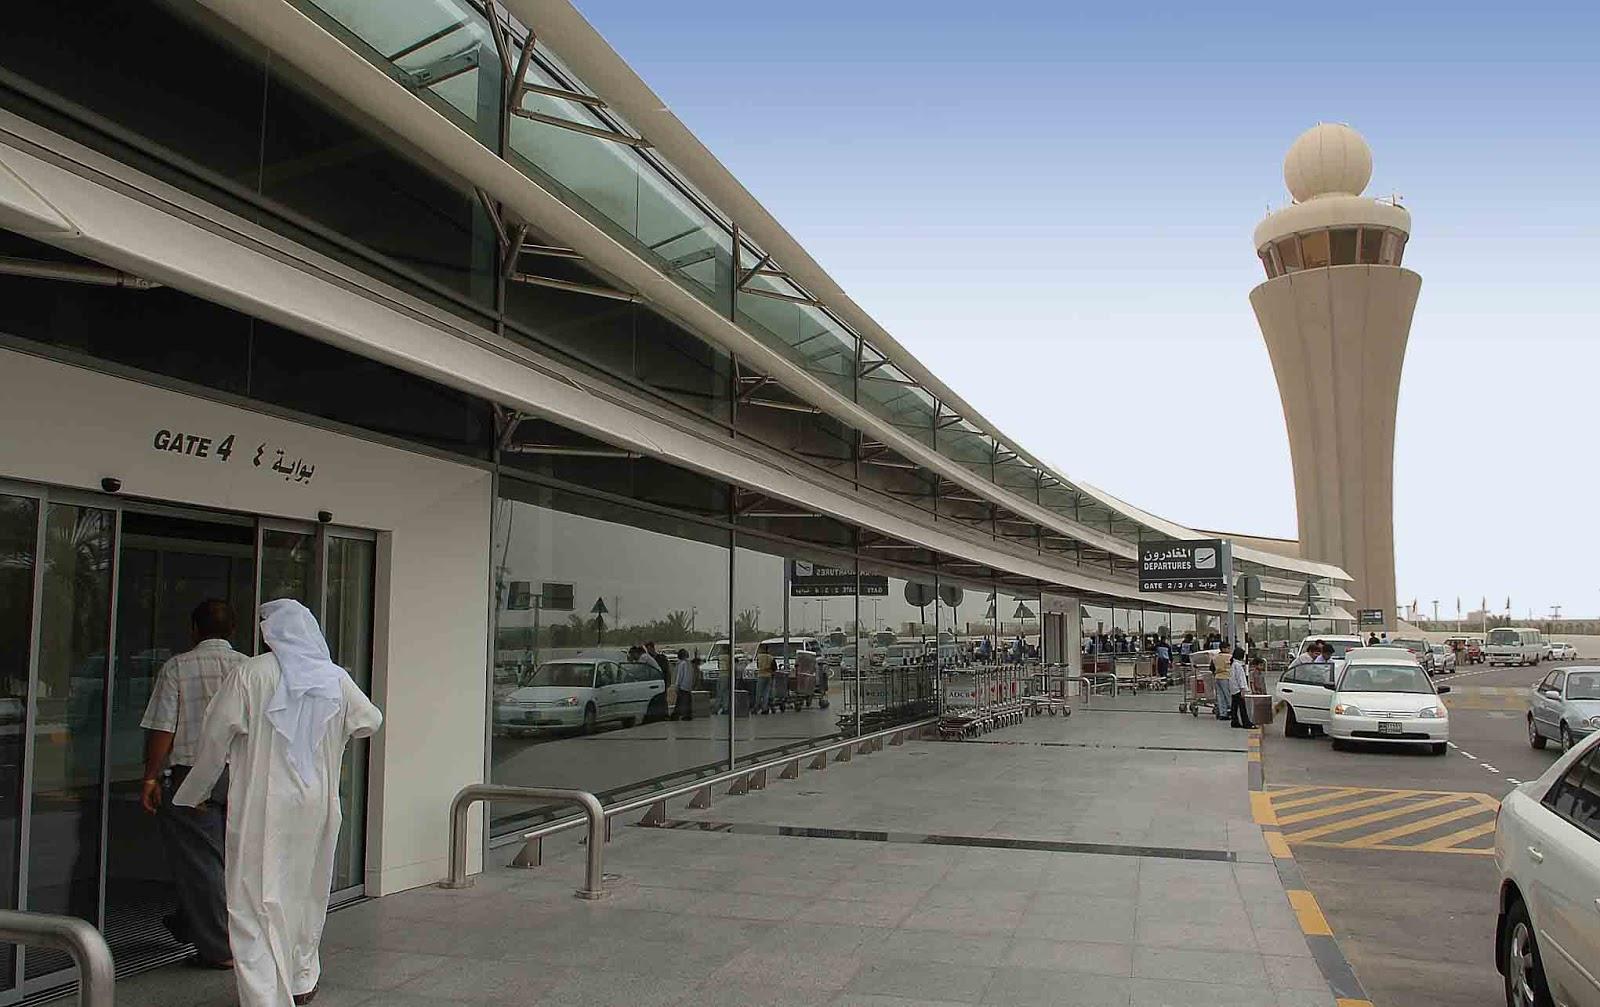 Картинки аэропорт абу даби